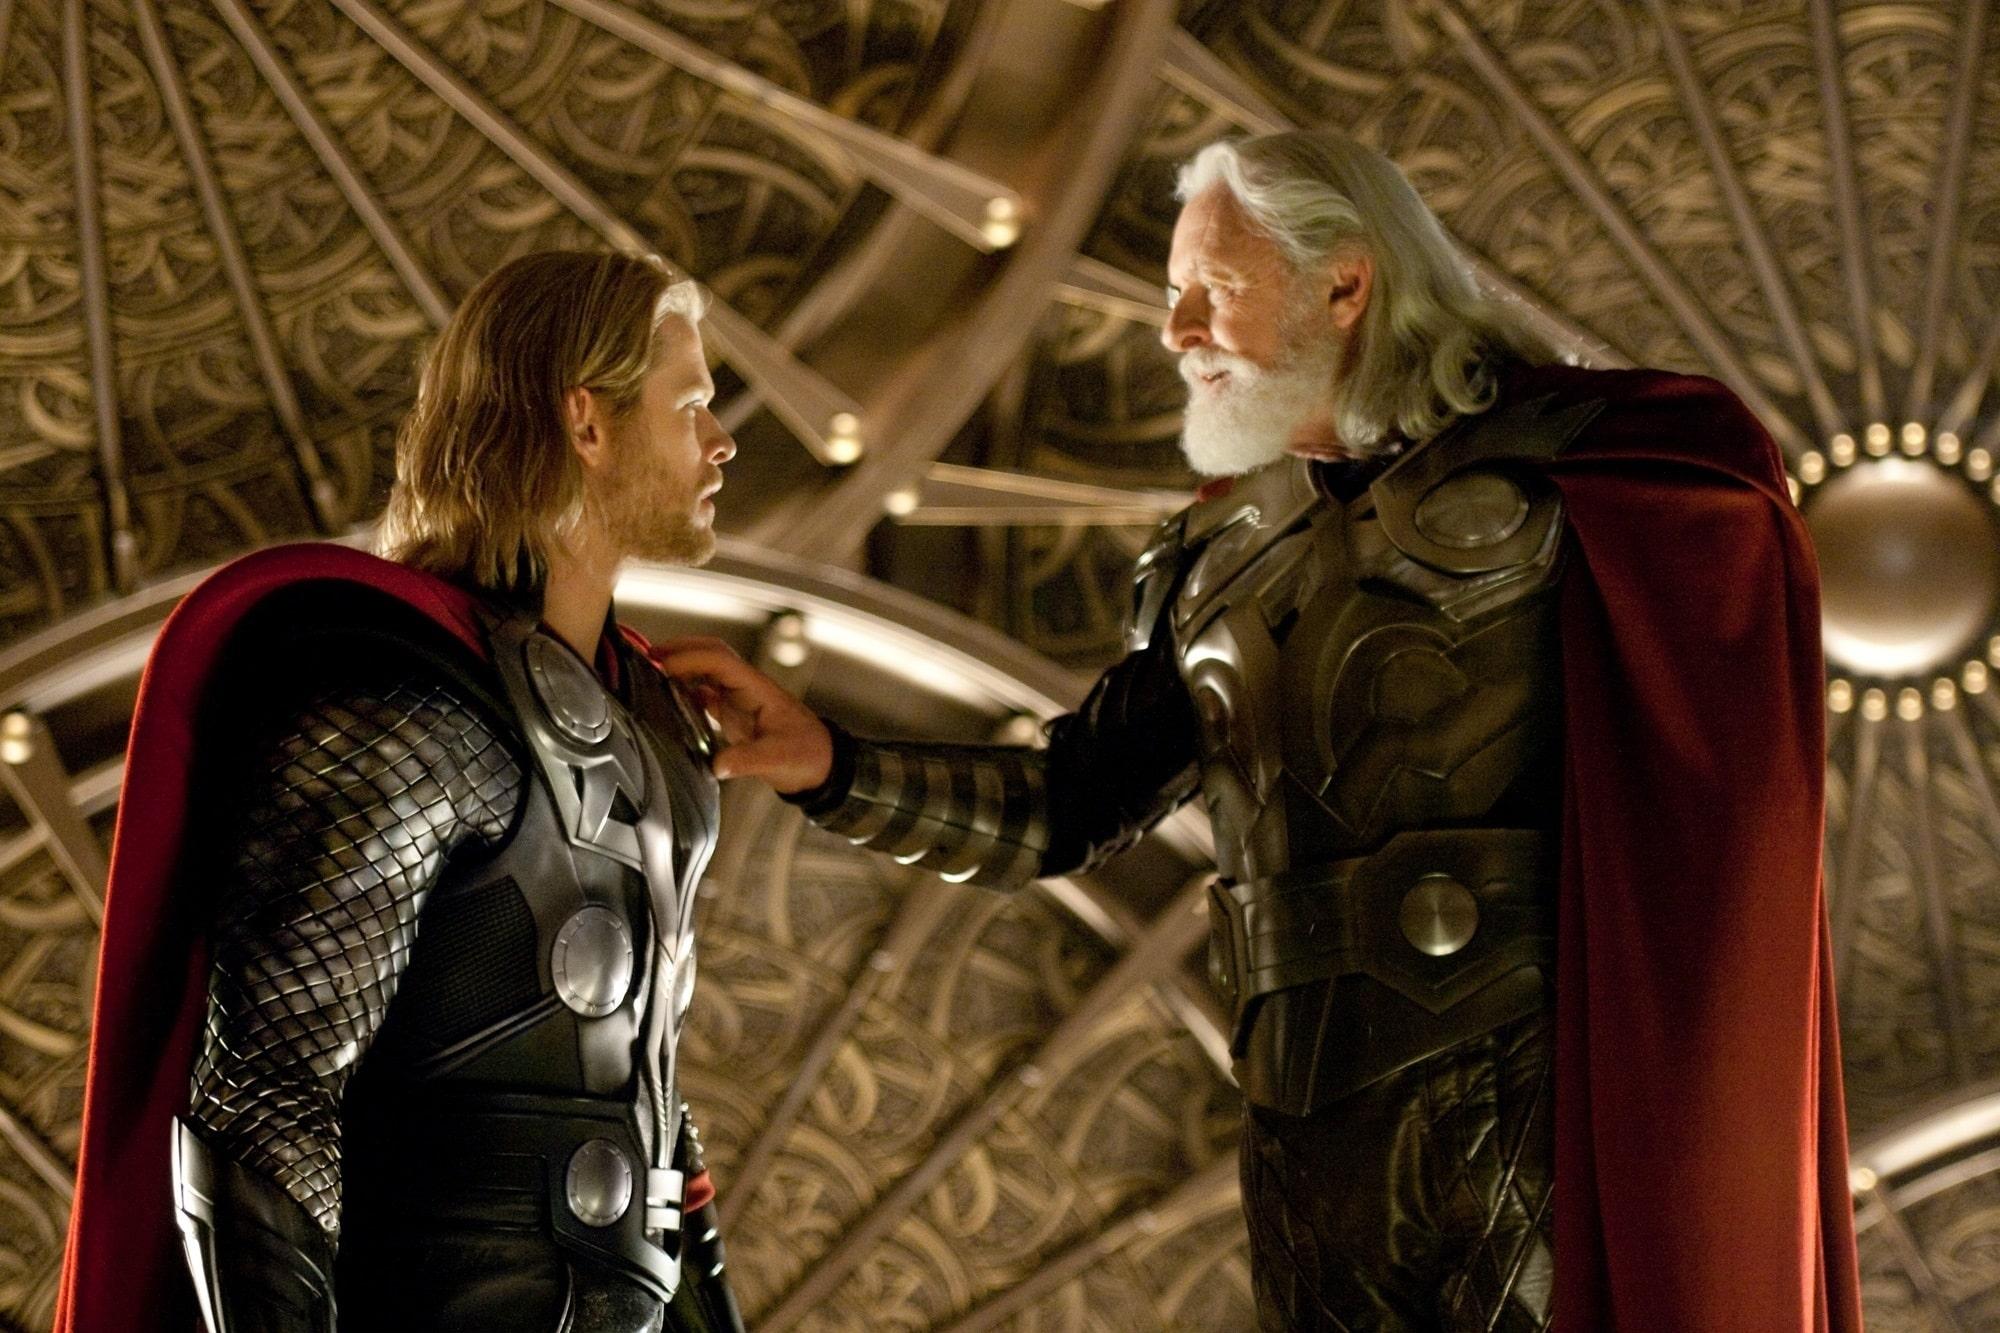 Odin tentando (em vão) dizer para Thor desistir desse filme merda